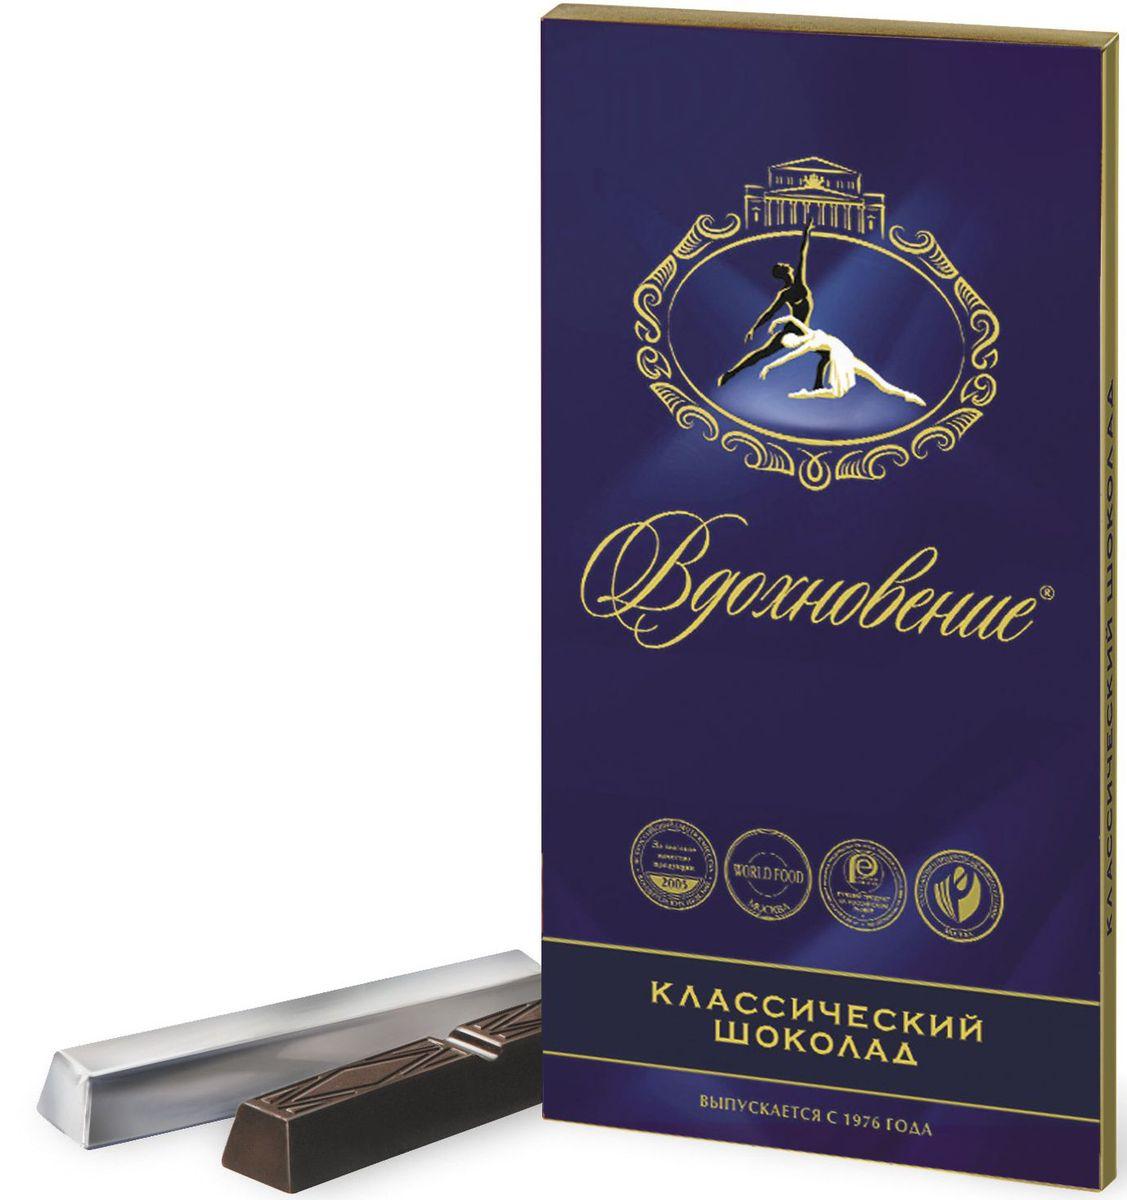 Бабаевский Вдохновение классический горький шоколад, 100 гББ08830Гордость бренда Бабаевский - высококачественный темный шоколад, созданный с использованием отборных какао бобов и какао масла.